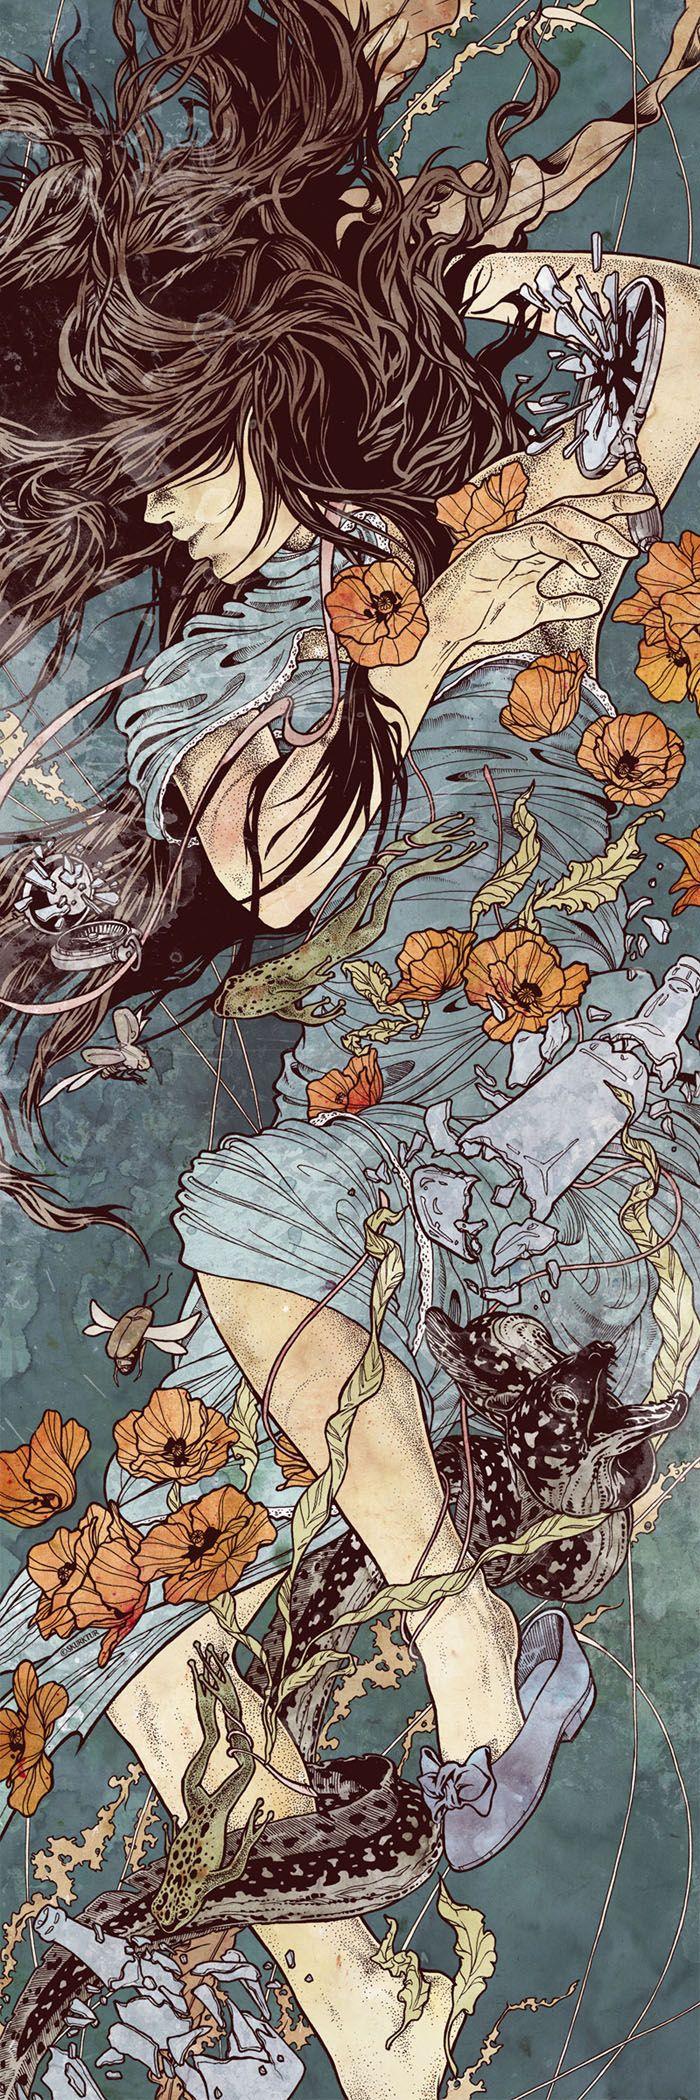 Yo soy de la tierra y vuelvo a la tierra. Crear la historia de una chica que espera a su esposo en un bosque y por amor se quedo alli hasta que las plantas enrrollaron sus pies, el grass se fundio con su vestido, su cabellos se transformo en ramas y sus lagrimas son las flores que caen en el otoño, temporada en que el amor de los dos personajes desafortunados, juraron amor